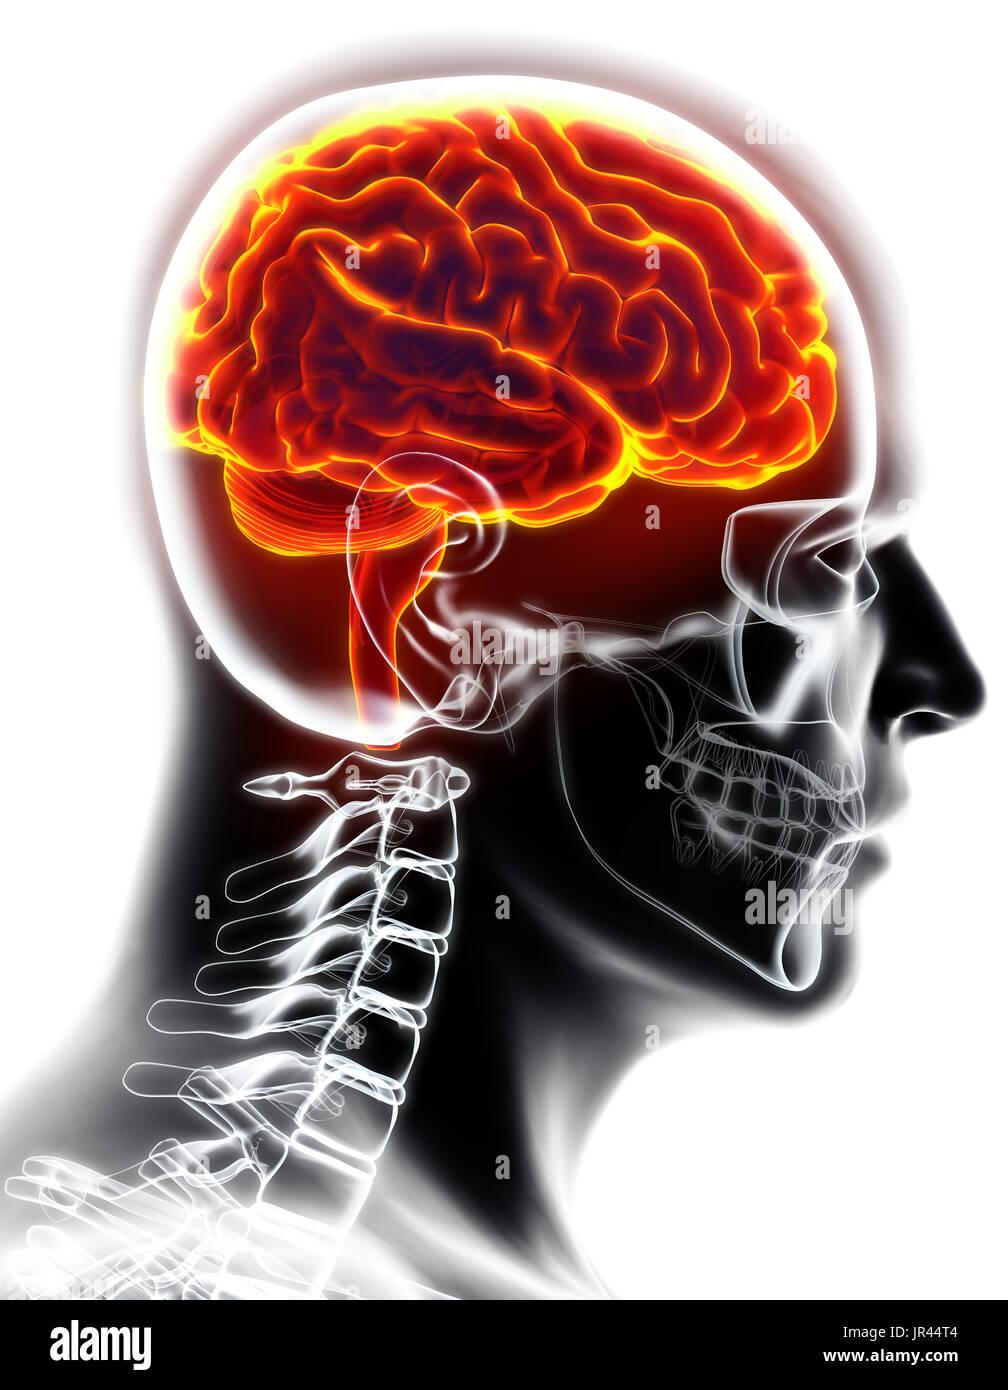 Les droits de l'organique interne - cerveau humain, 3D illustration concept médical. Photo Stock